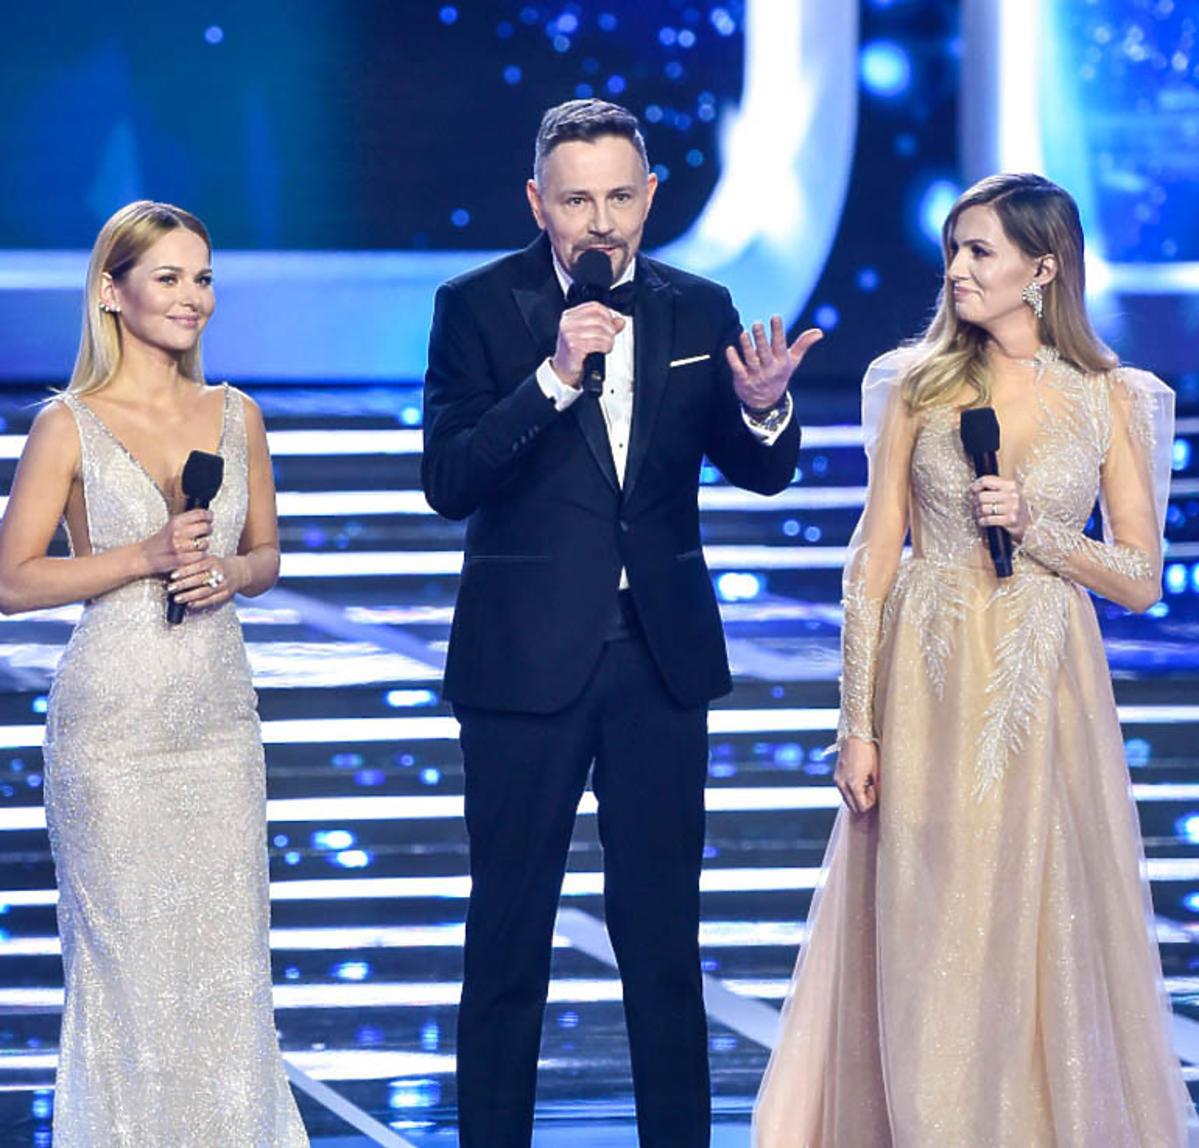 Miss Polski 2020 - Krzysztof Ibisz, Paulina Sykut-Jeżyna, Agnieszka Hyży